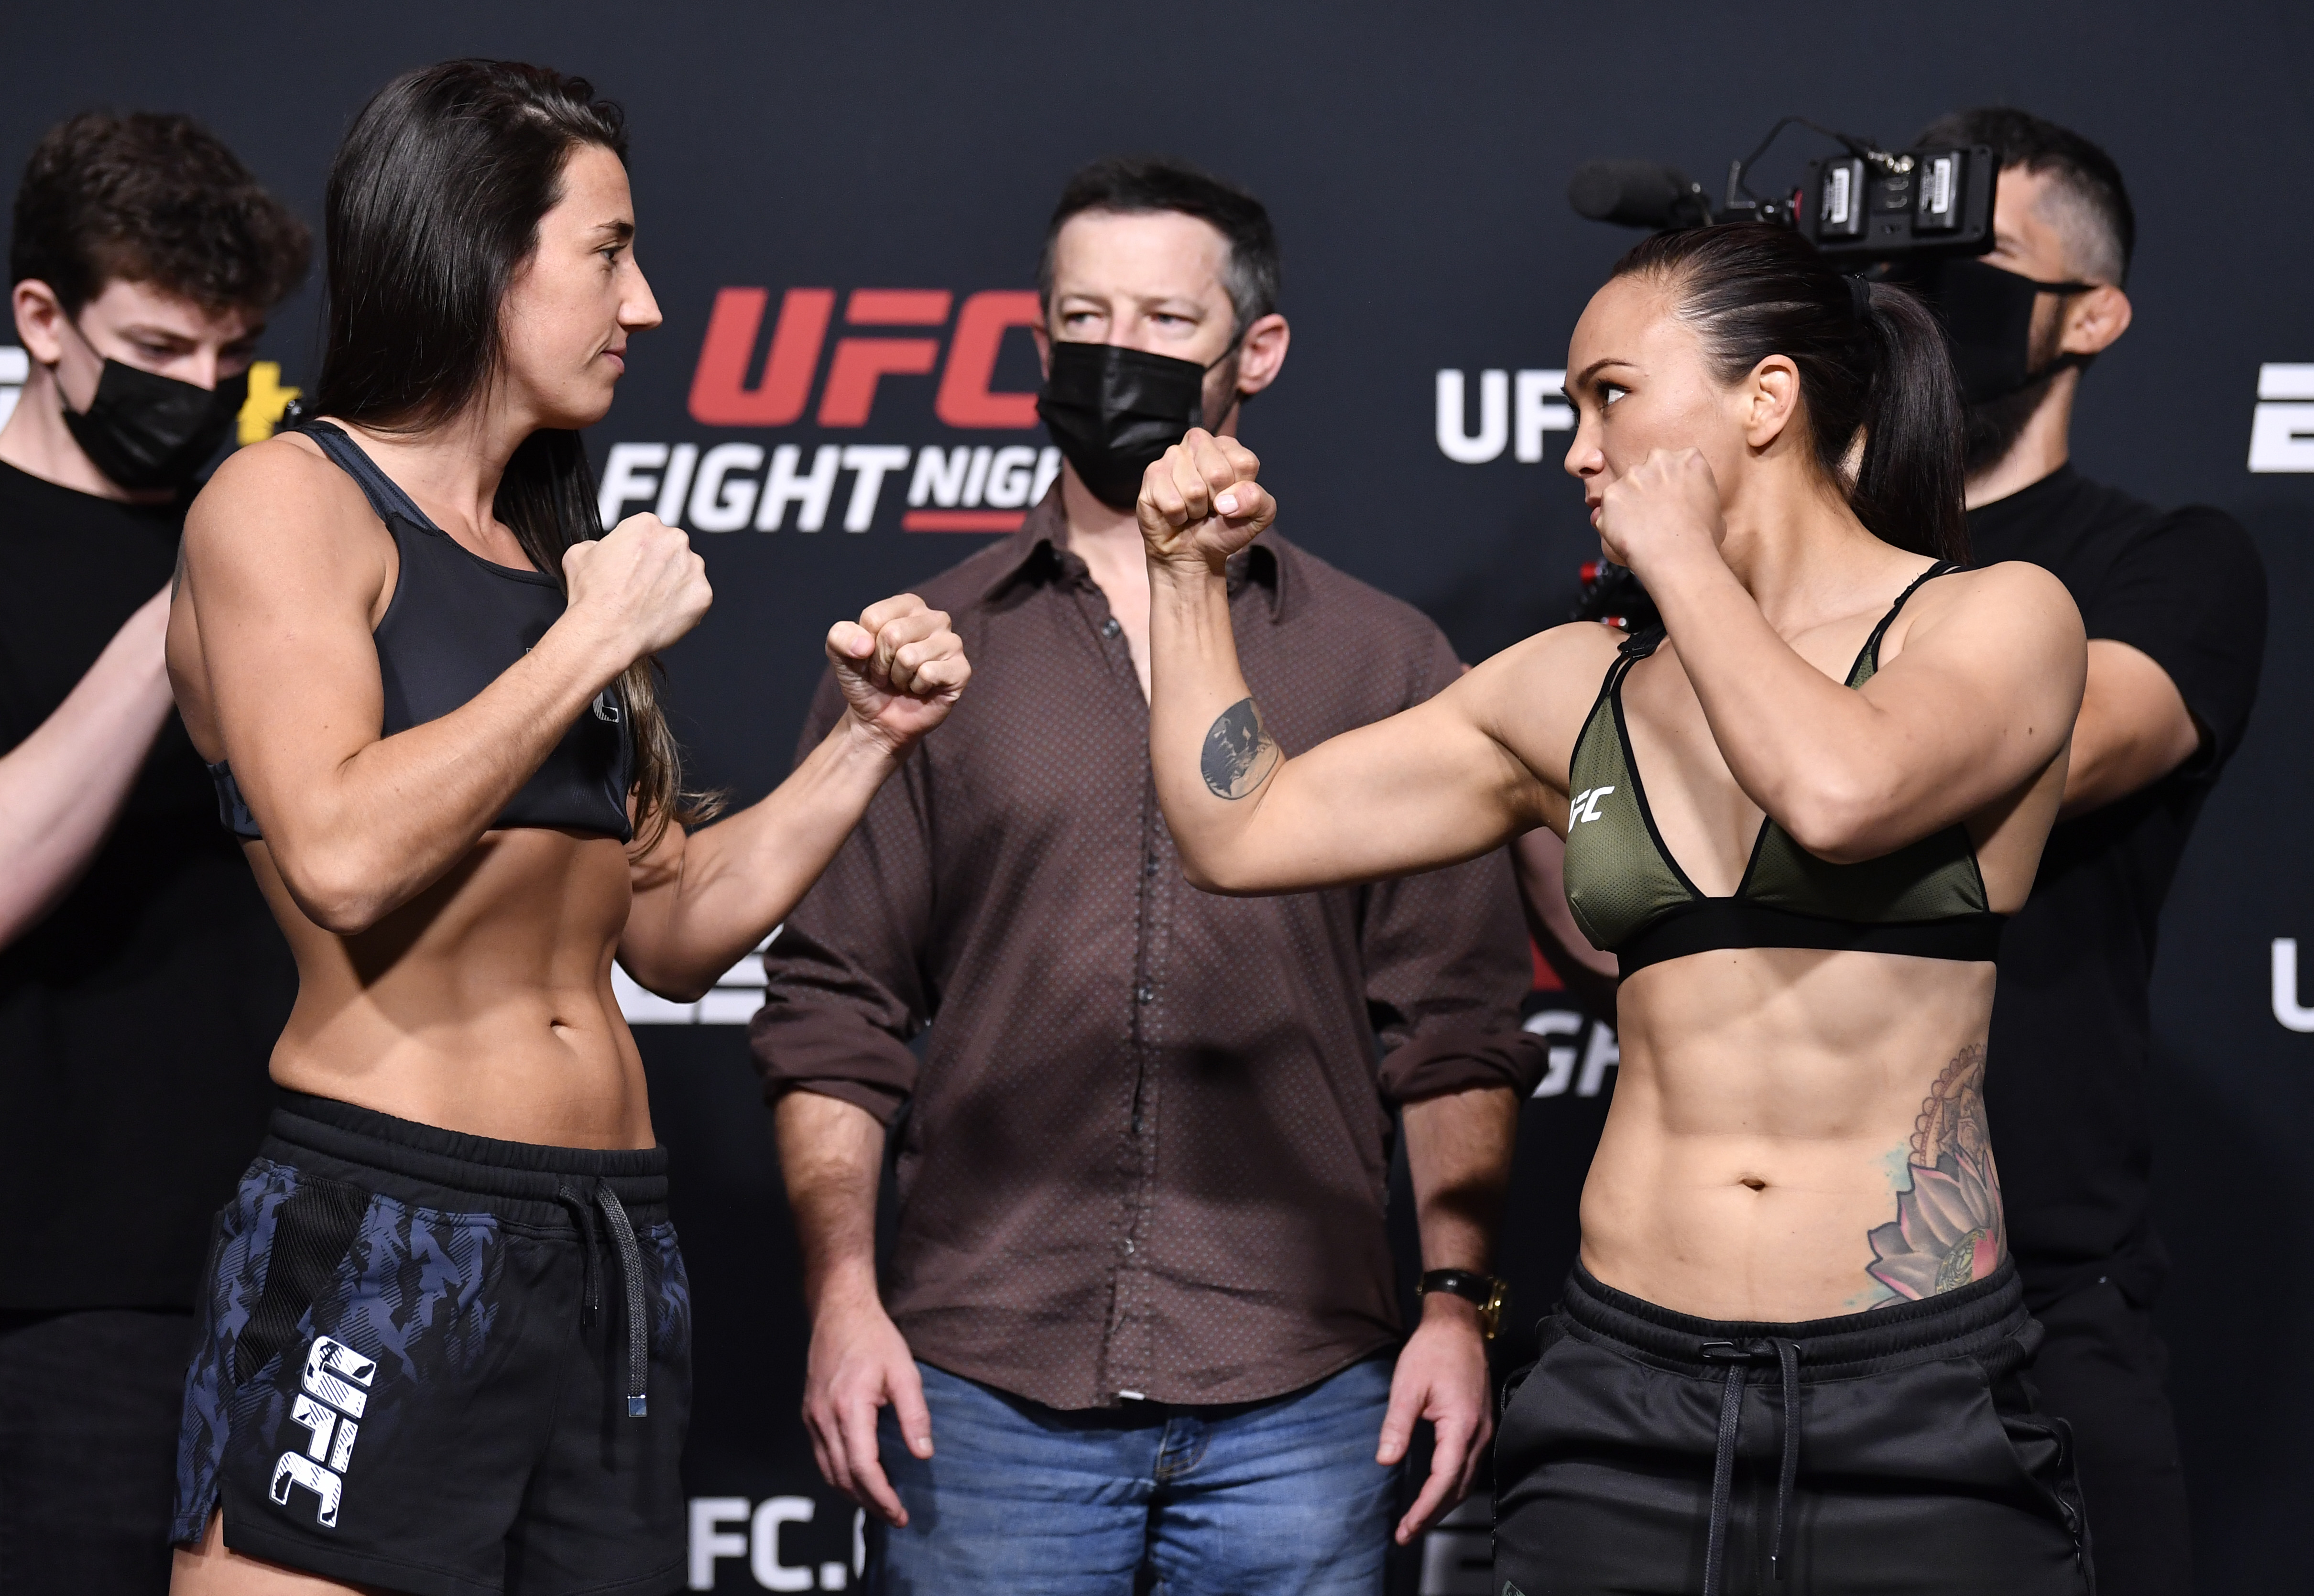 2021年5月7日,在内华达州拉斯维加斯举行的UFC APEX终极格斗冠军赛上,巴西选手玛丽娜·罗德里格斯和米歇尔·沃特森将在UFC称重比赛中对决。